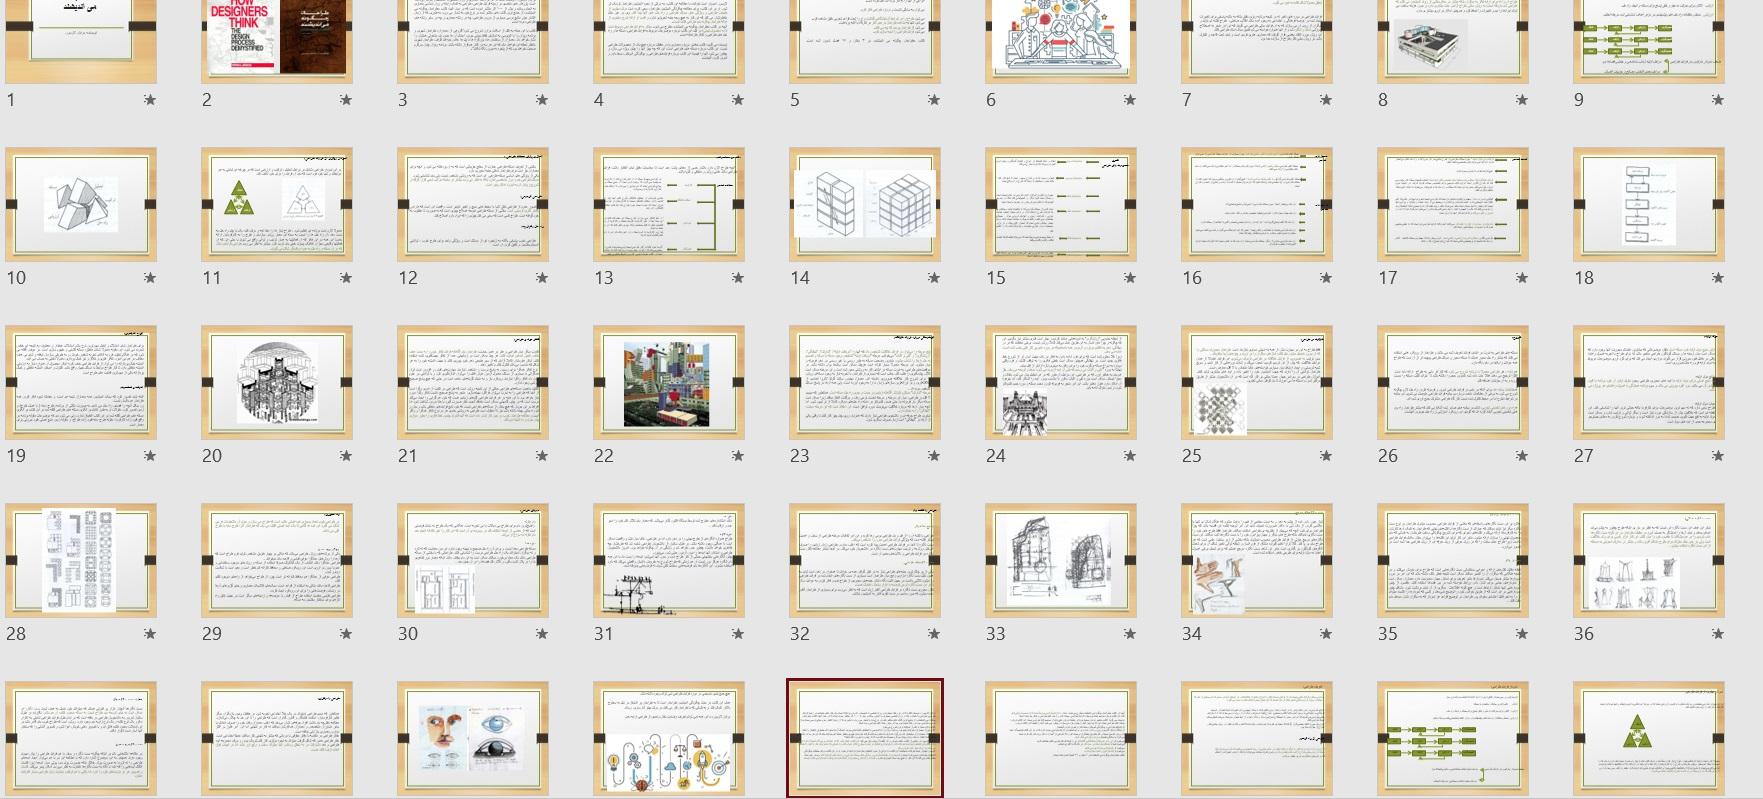 دانلود خلاصه کتاب طراحان چگونه می اندیشند،نوشته برایان لاوسون